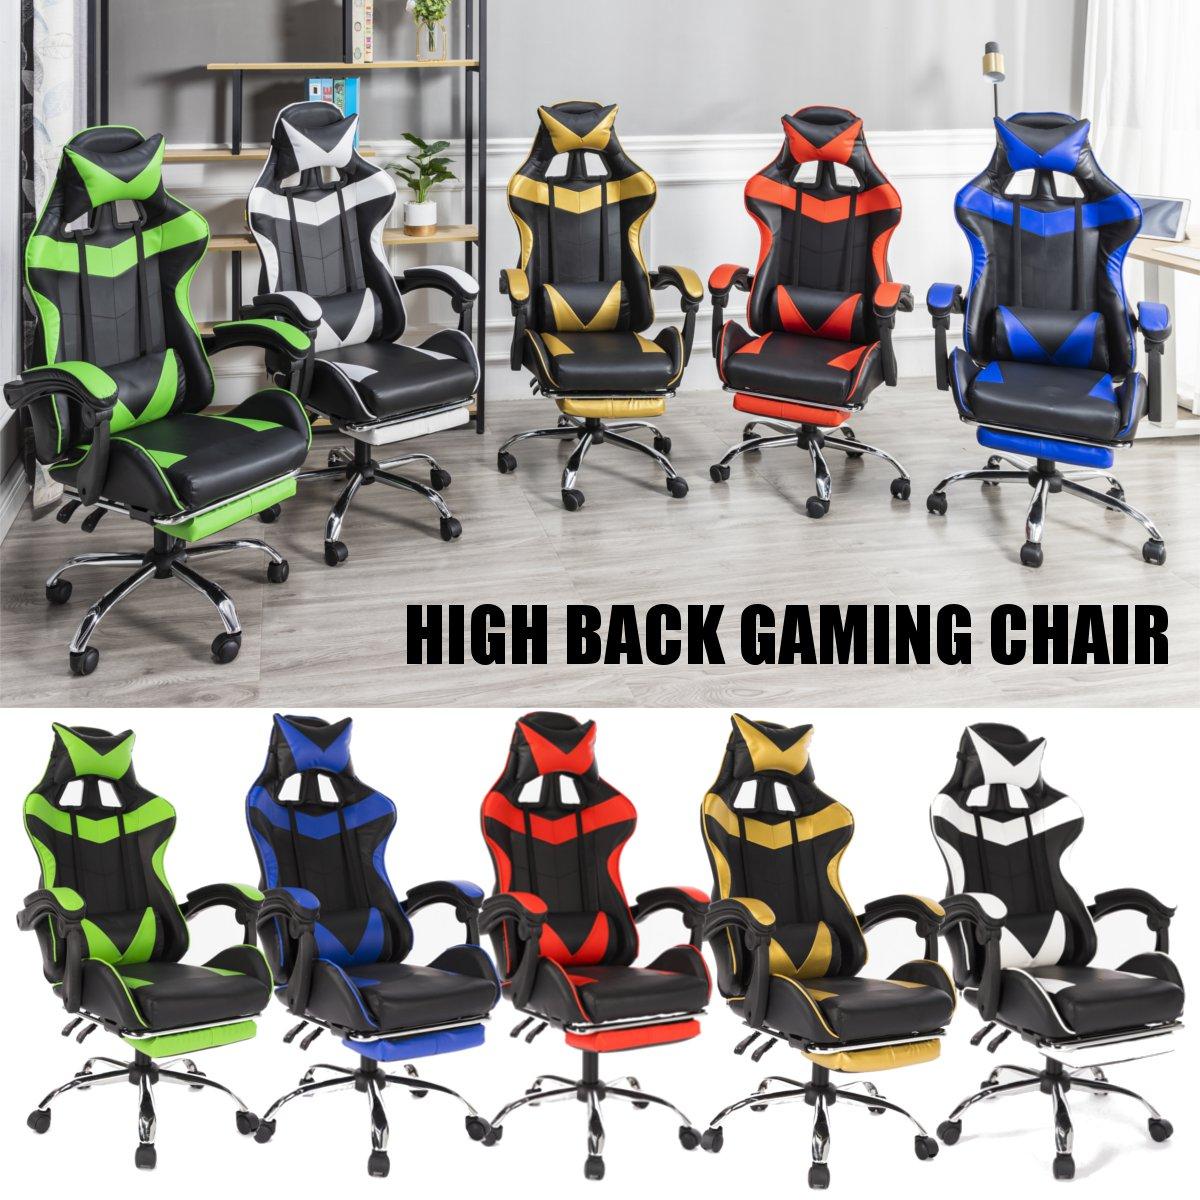 5 couleurs PU cuir course chaise de jeu bureau haut dossier ergonomique inclinable avec repose-pieds professionnel ordinateur chaise meubles